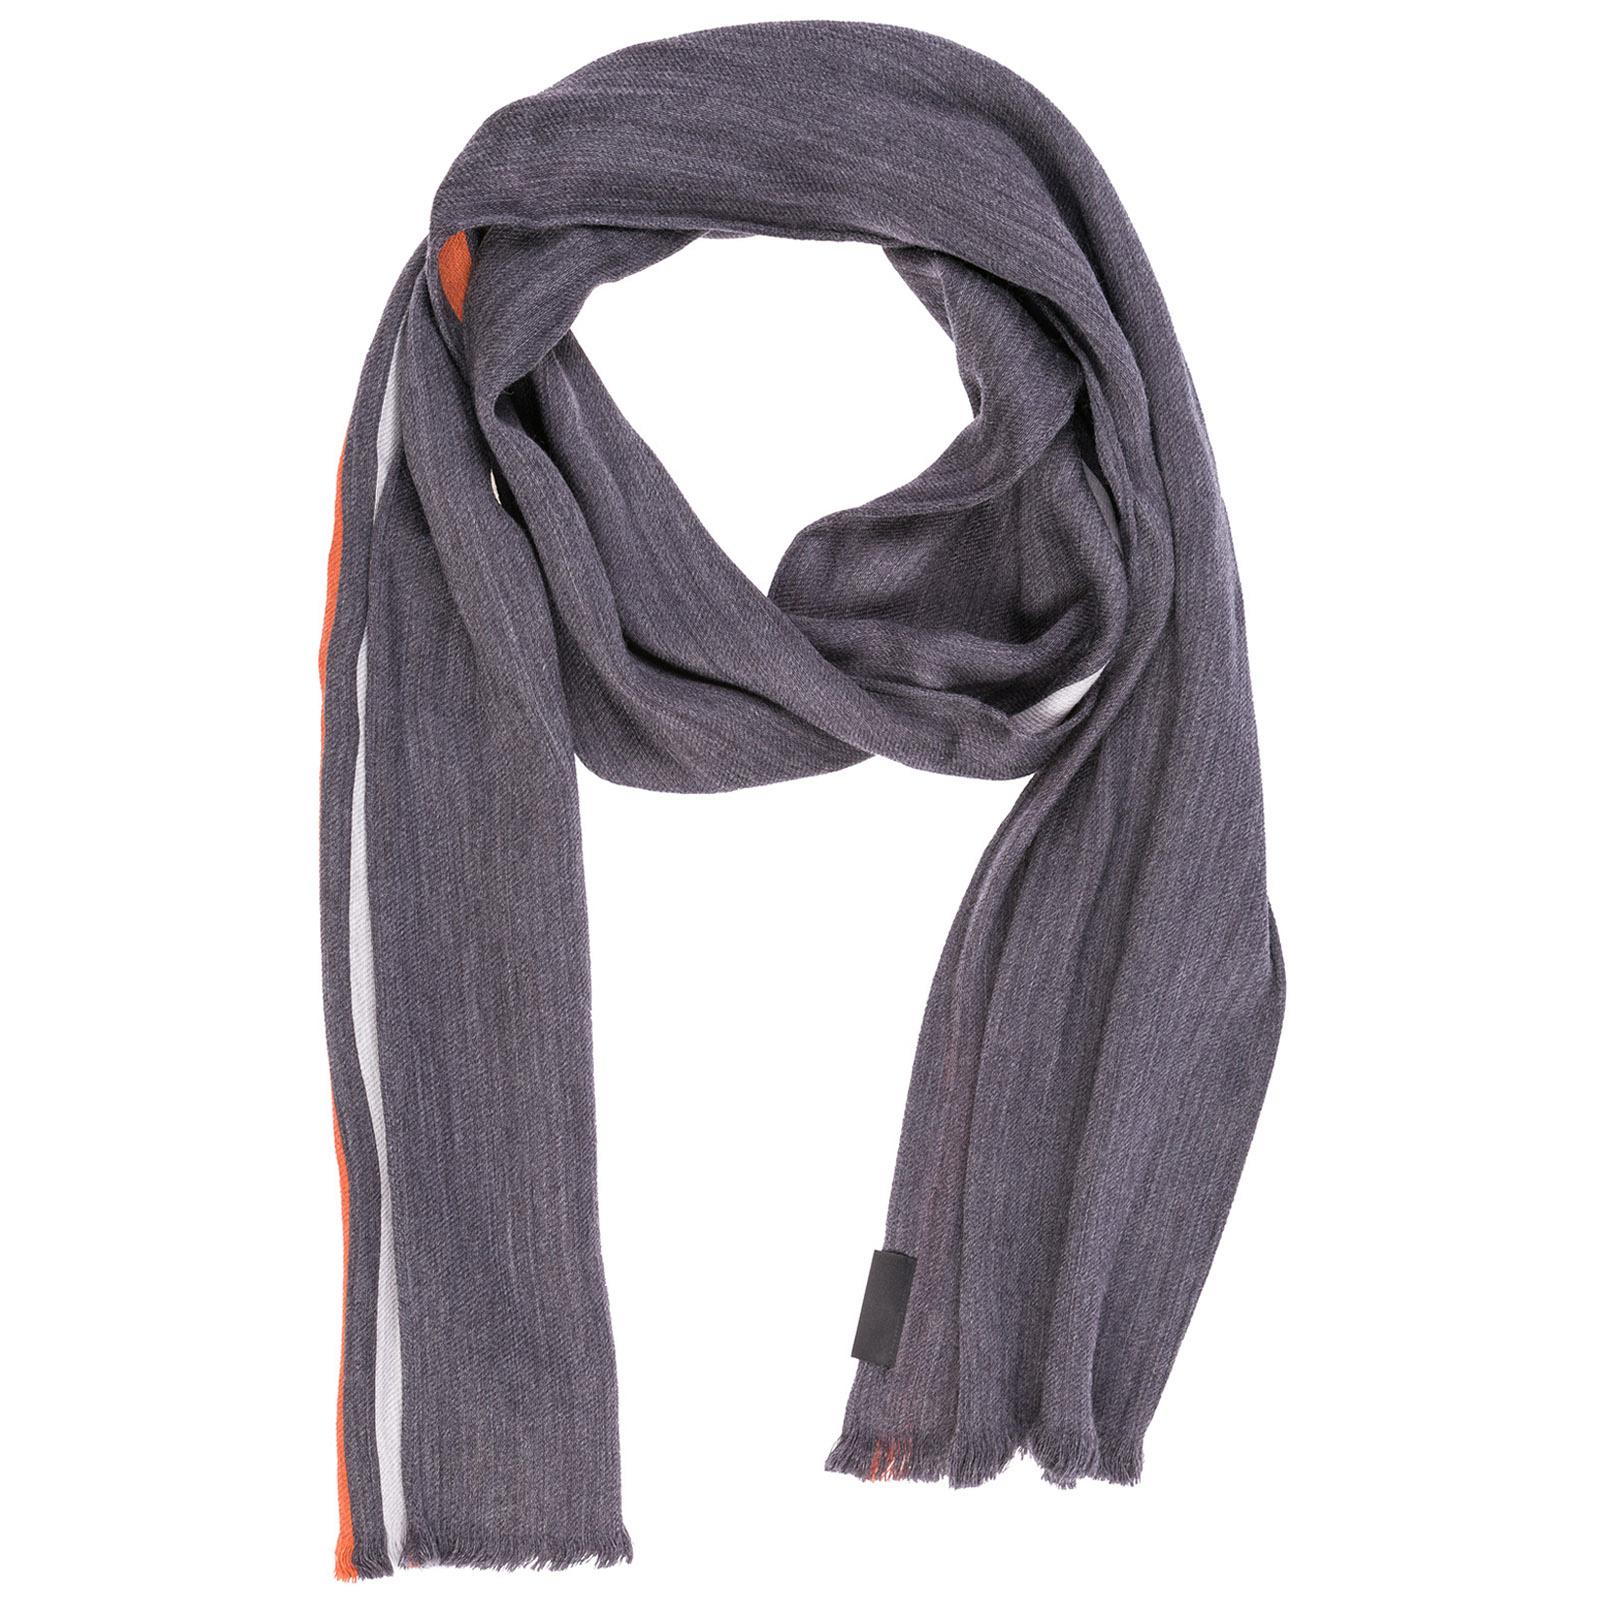 Sciarpa lana Emporio Armani 6250558A37621744 grey   orange   FRMODA.com 577a2e1b3c1